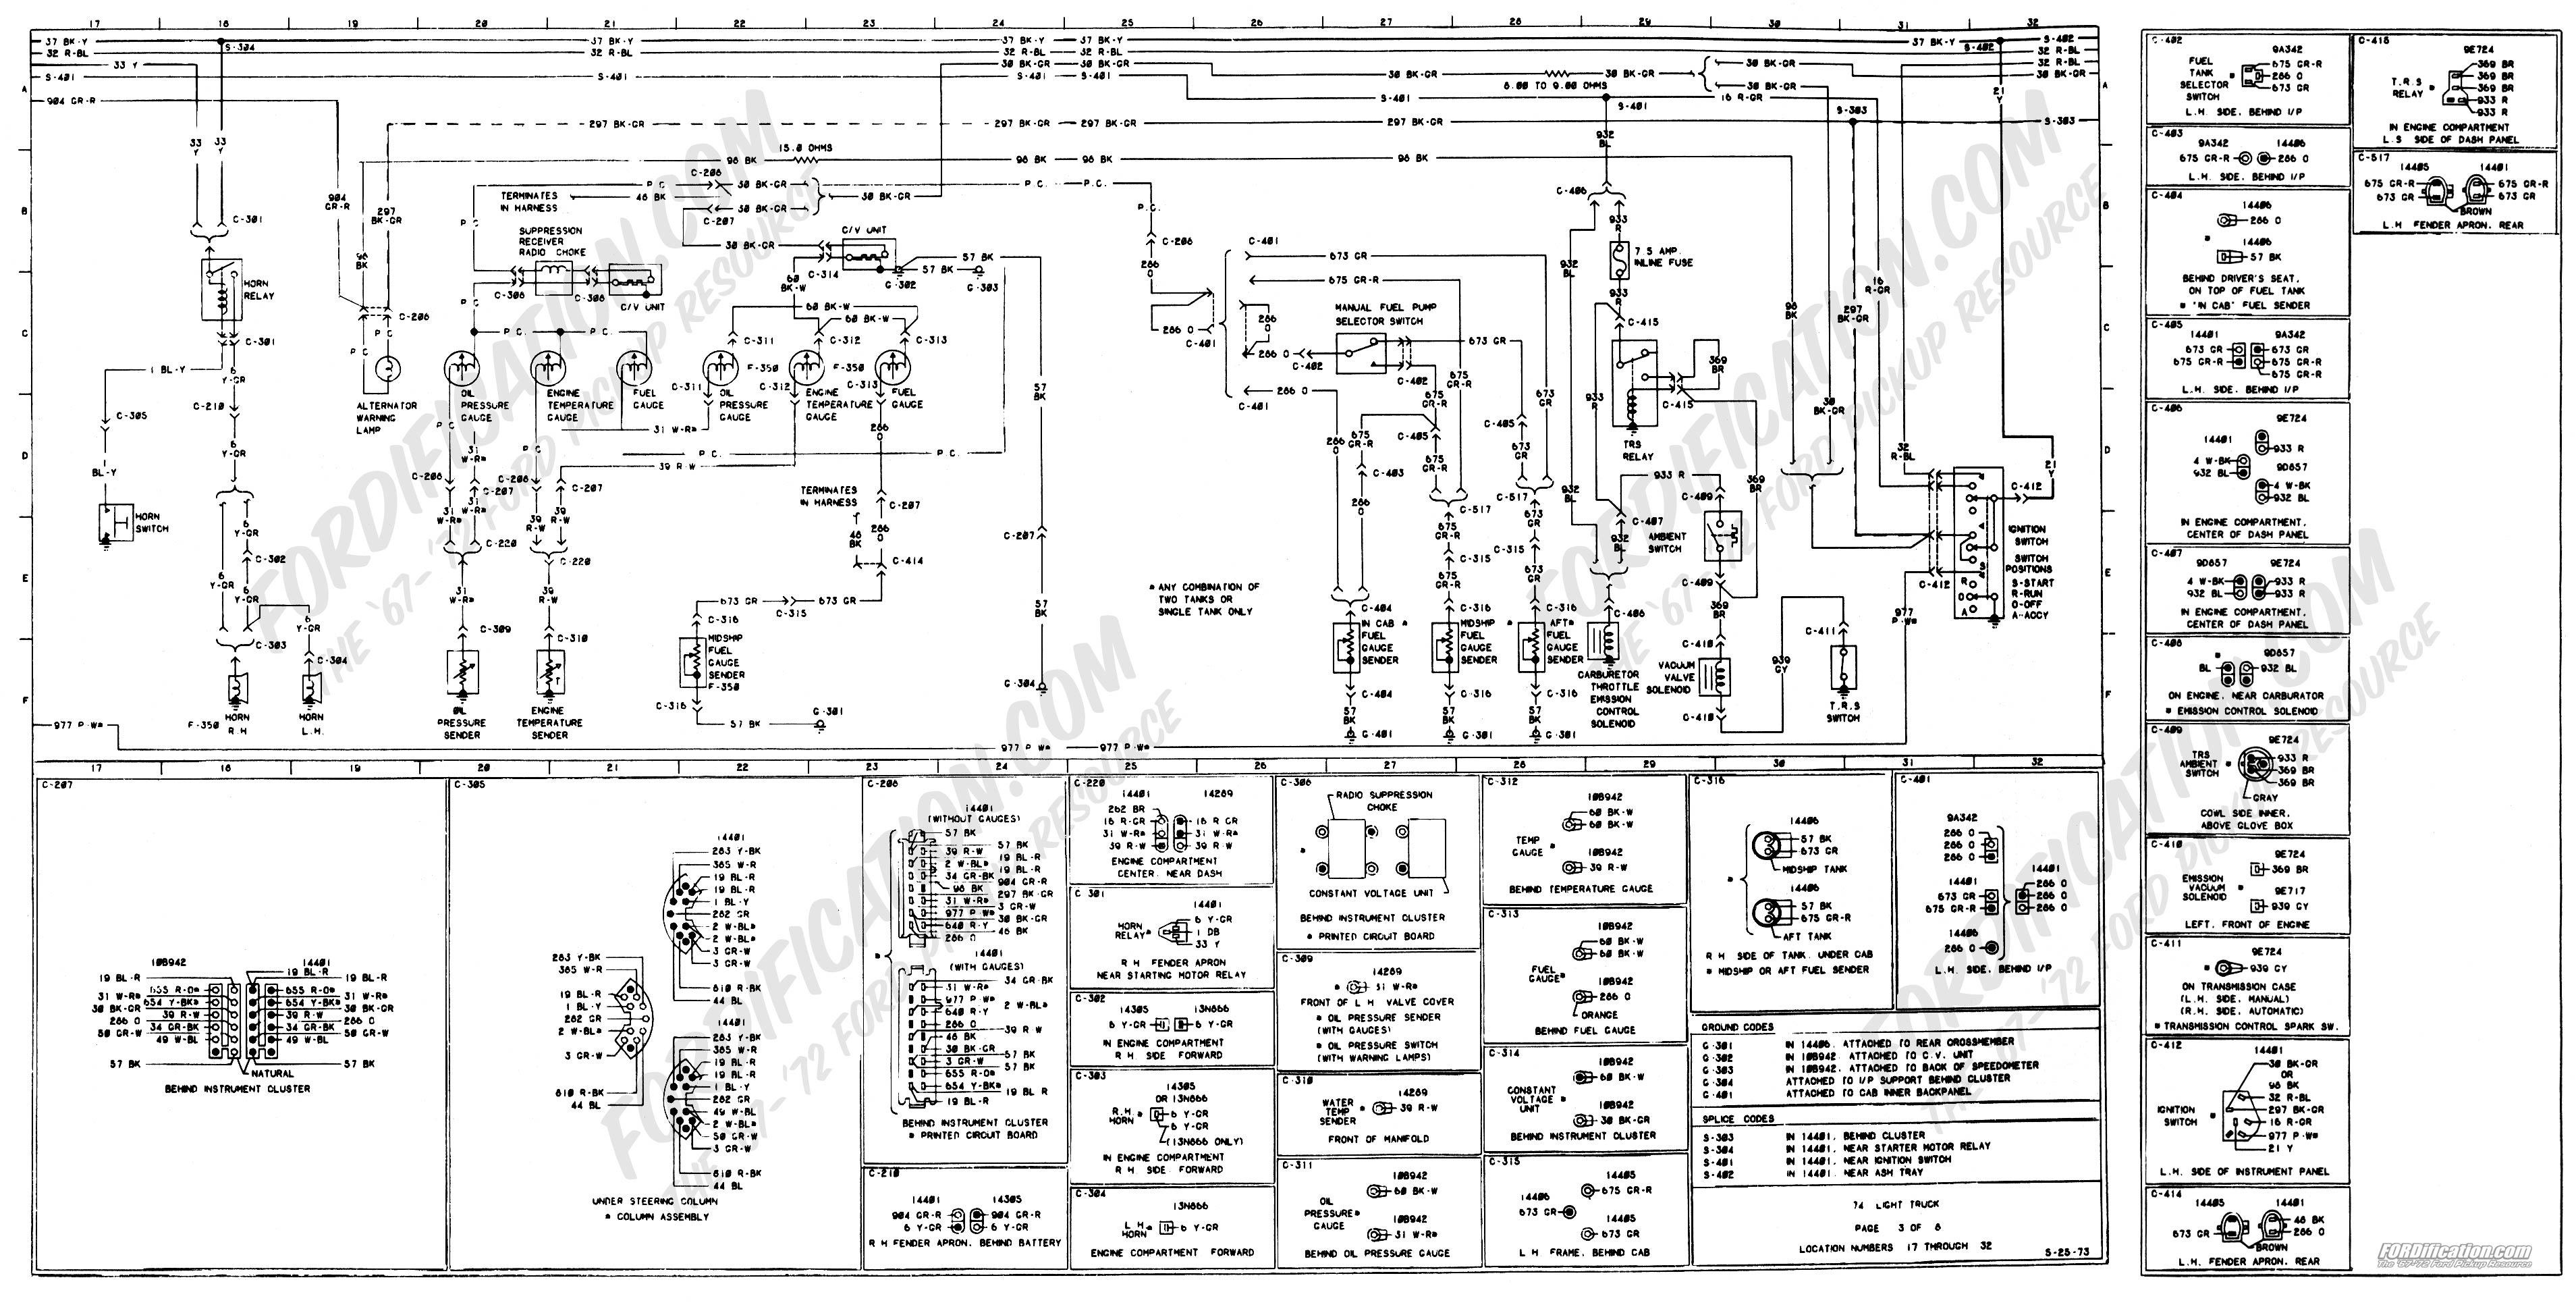 F150 Wiring Schematic